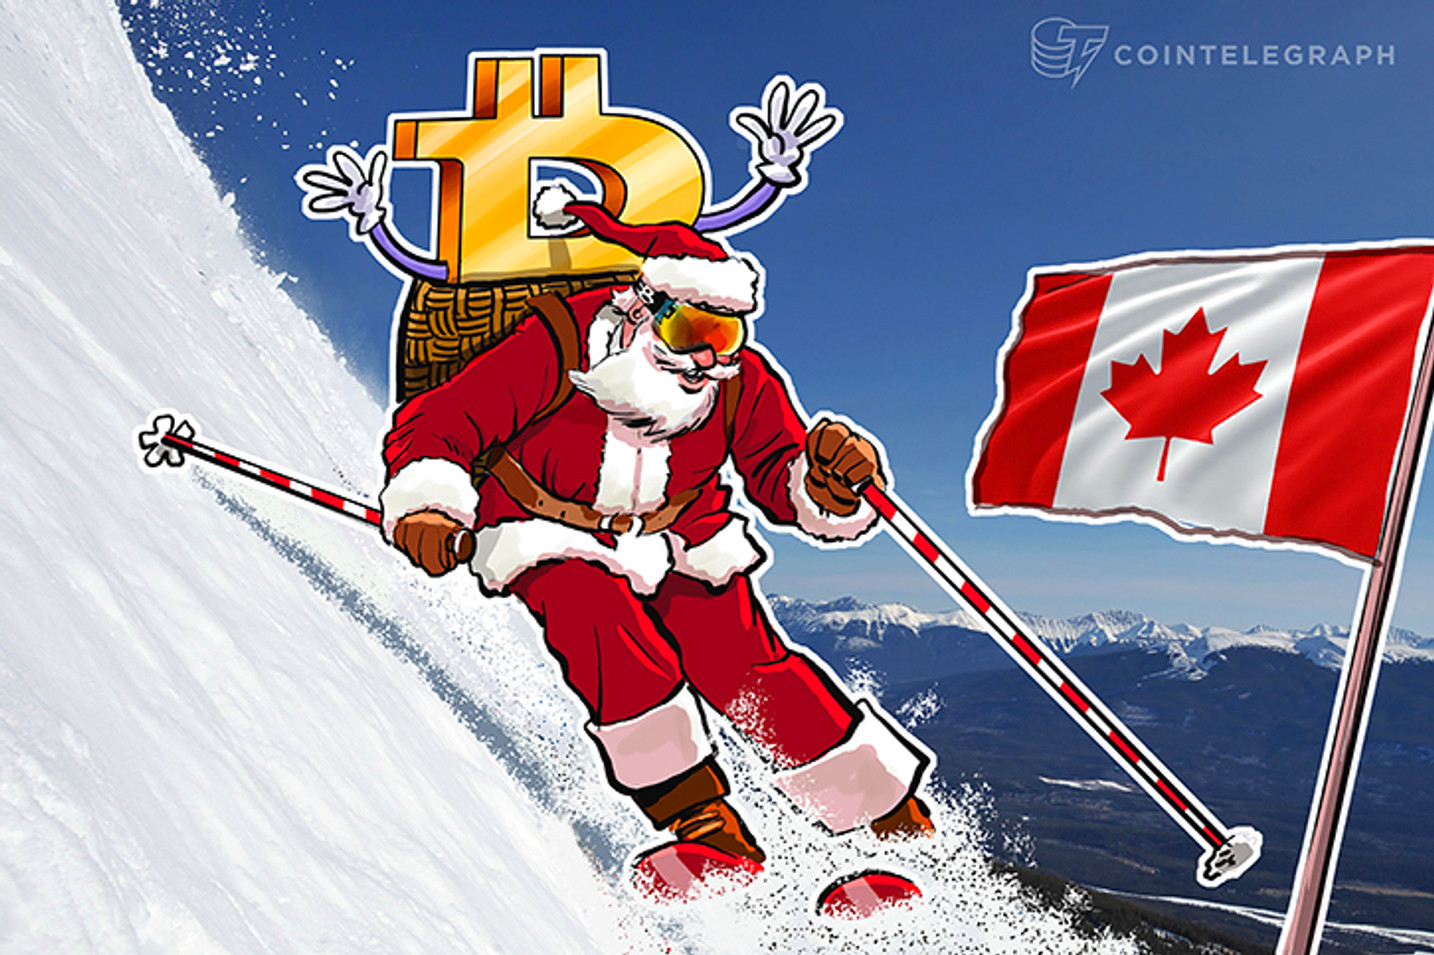 Instituciones financieras canadienses analizan la viabilidad de las monedas digitales emitidas por el Banco Central